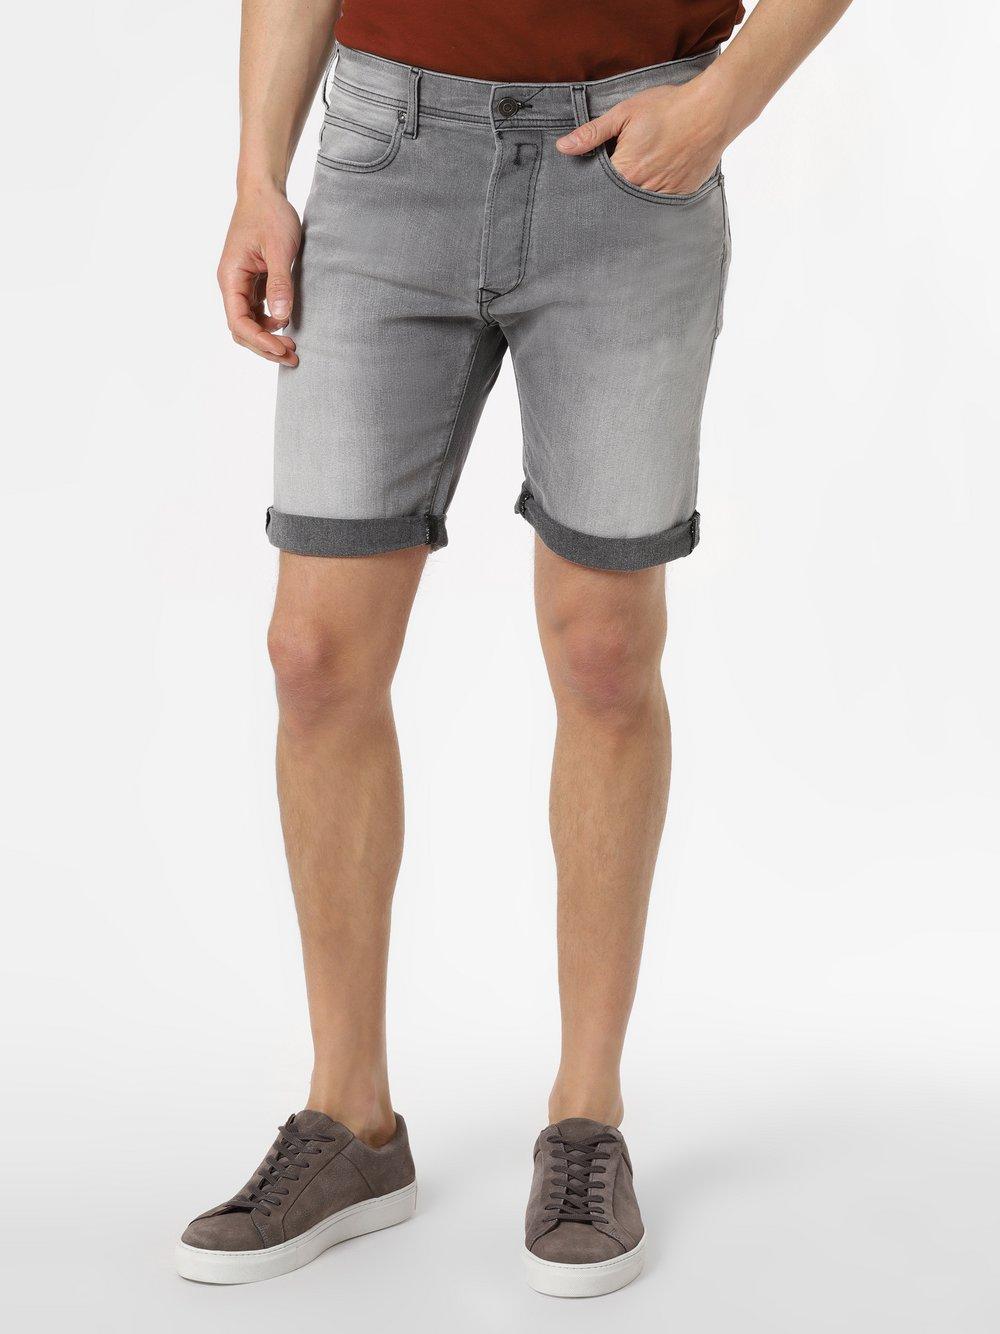 Replay - Męskie spodenki jeansowe, szary